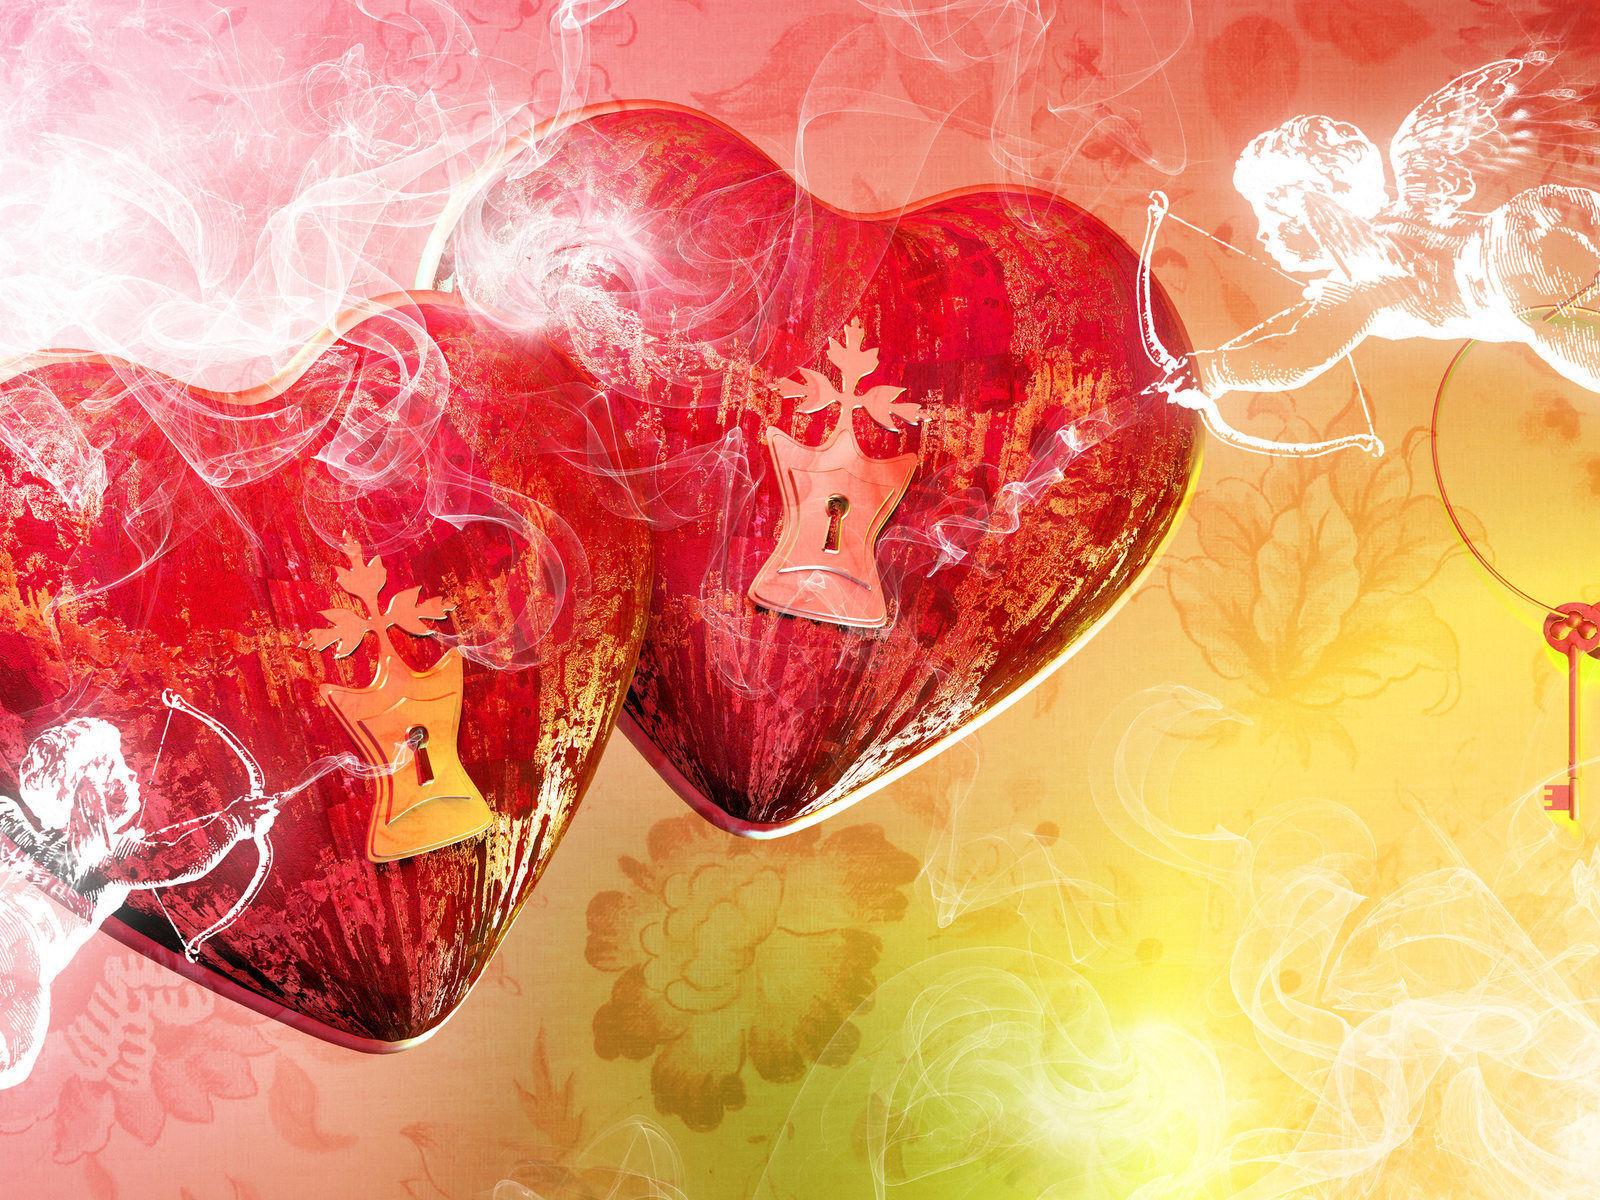 Поздравление которое тронет сердце